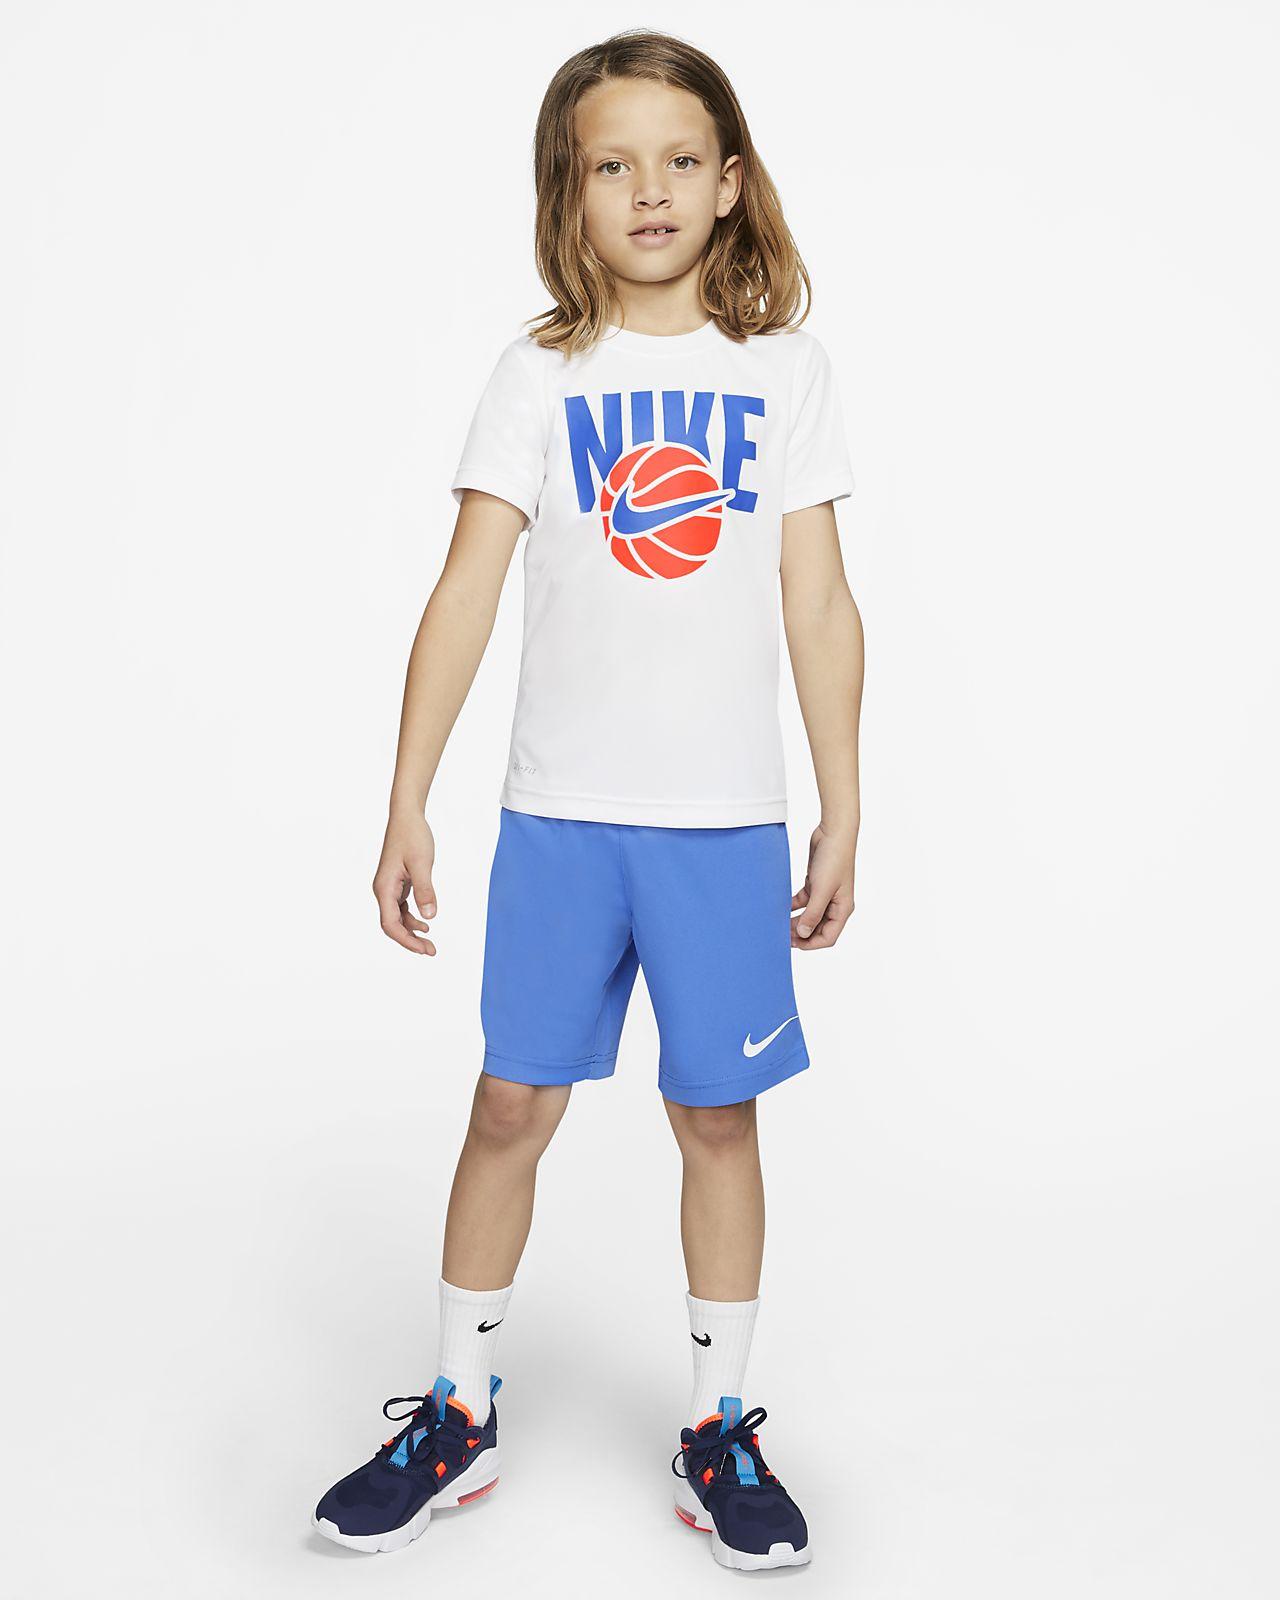 Nike Dri-FIT 幼童套装